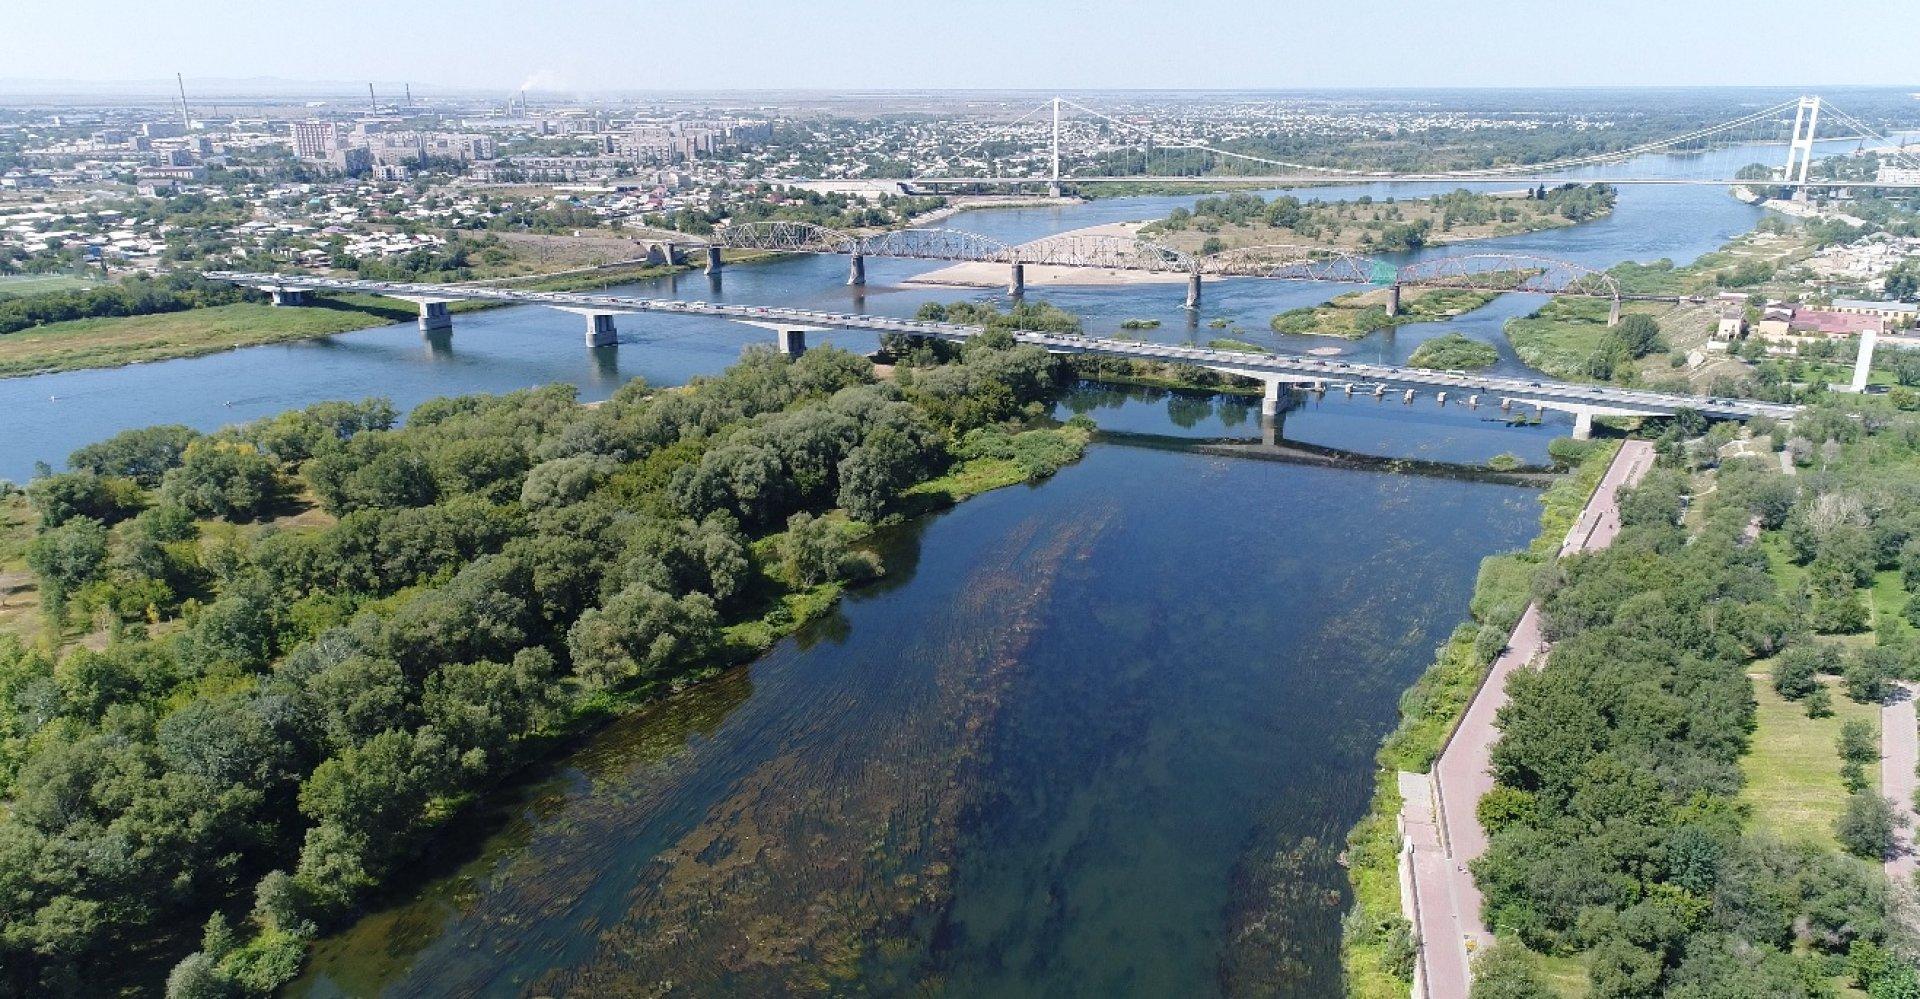 В Семее укрепляют берег Иртыша, но в срок подрядчики могут не успеть